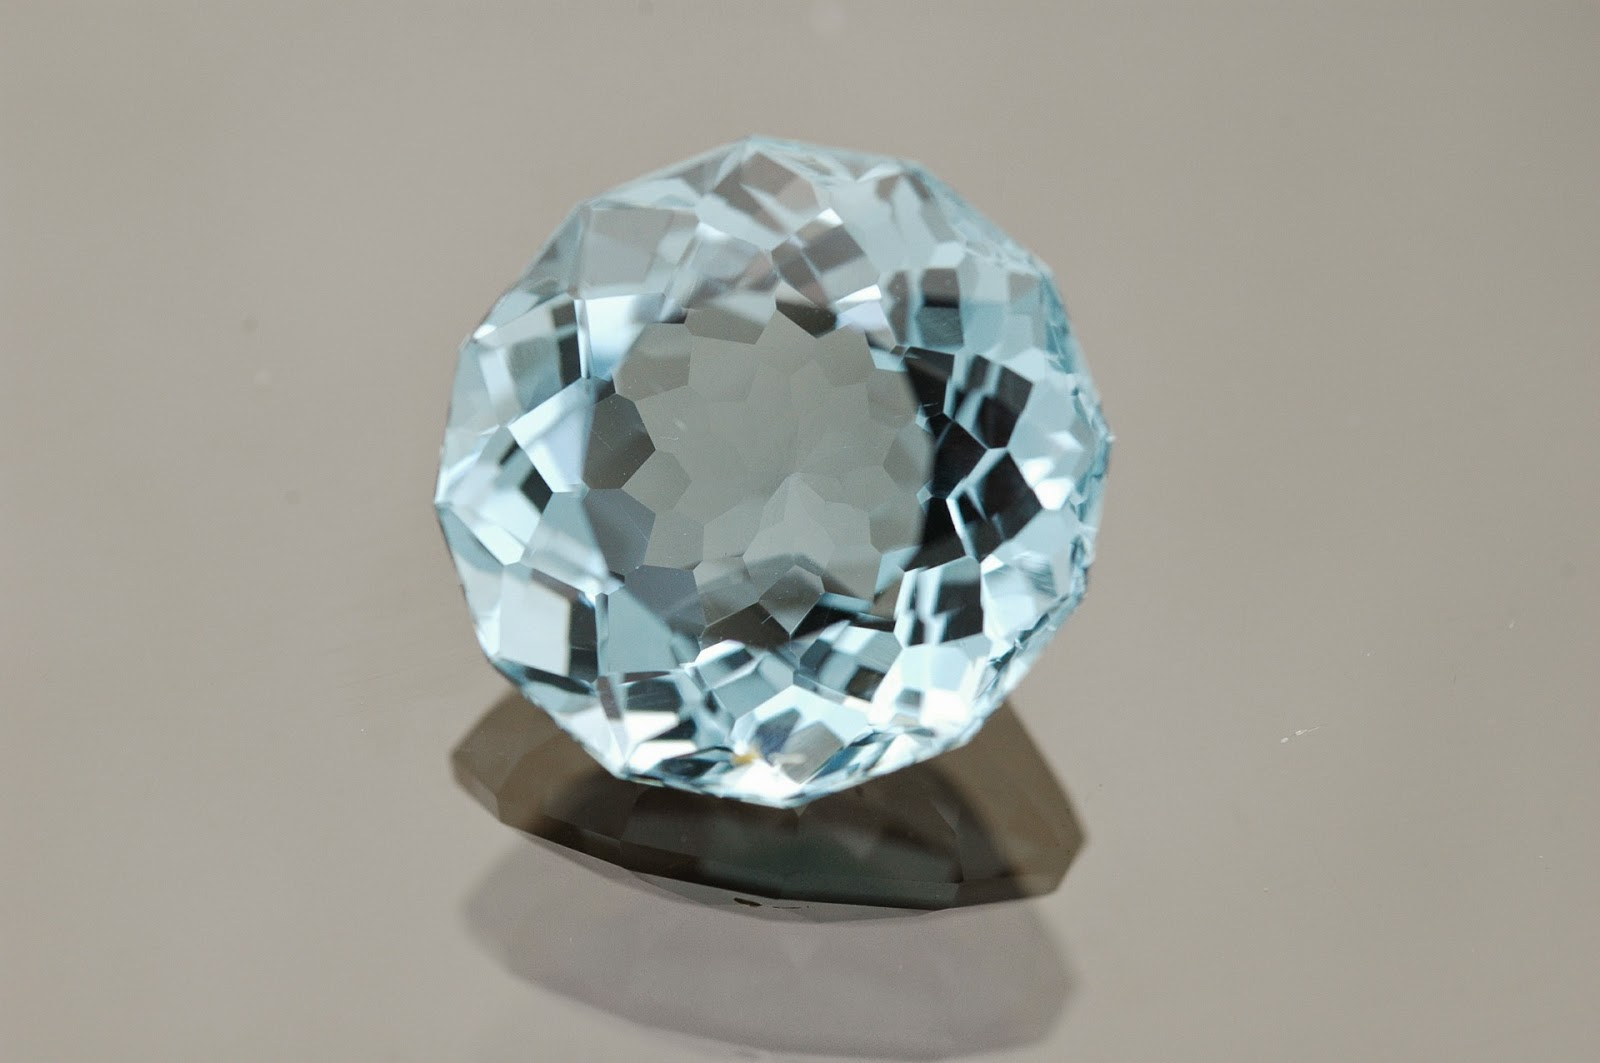 Γνωρίζοντας τους κρυστάλλους Αμέθυστος & Τοπάζι